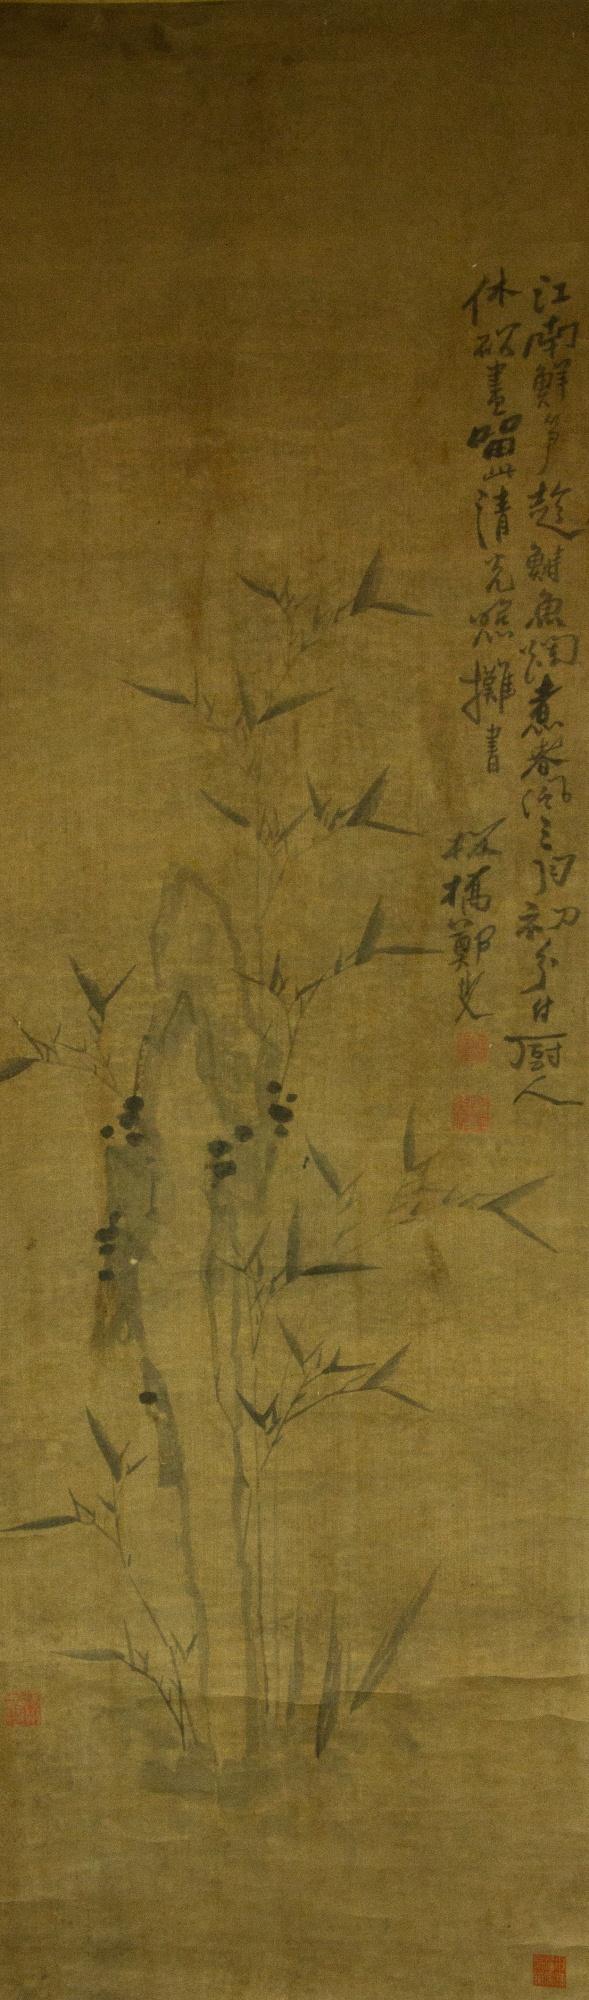 Zheng Banqiao 1693-1765 Watercolour on Paper Scrol